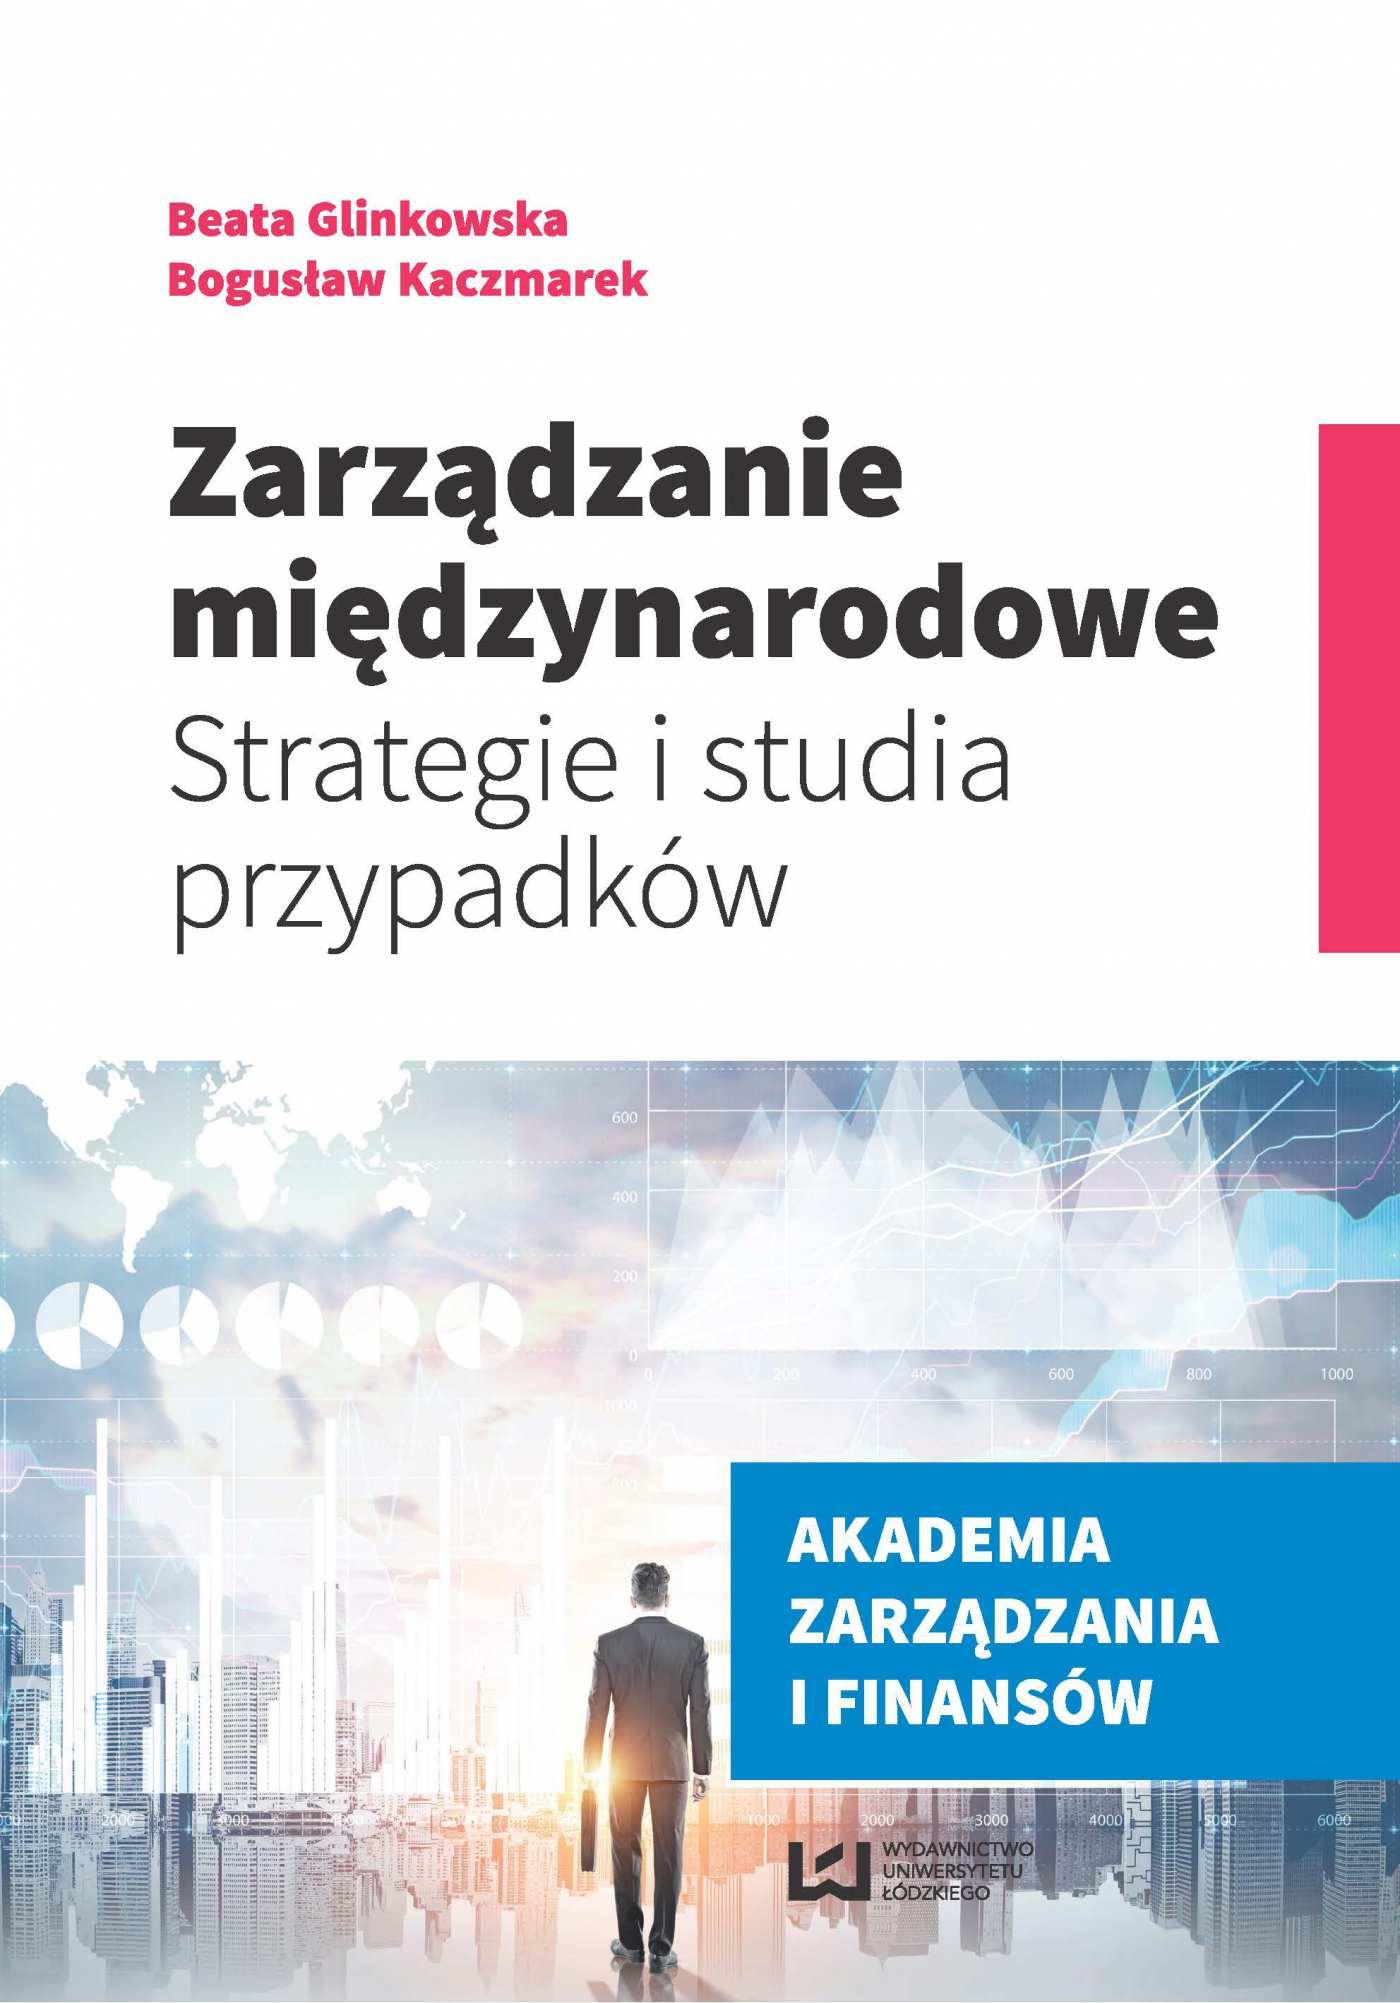 Zarządzanie międzynarodowe. Strategie i studia przypadków - Ebook (Książka PDF) do pobrania w formacie PDF